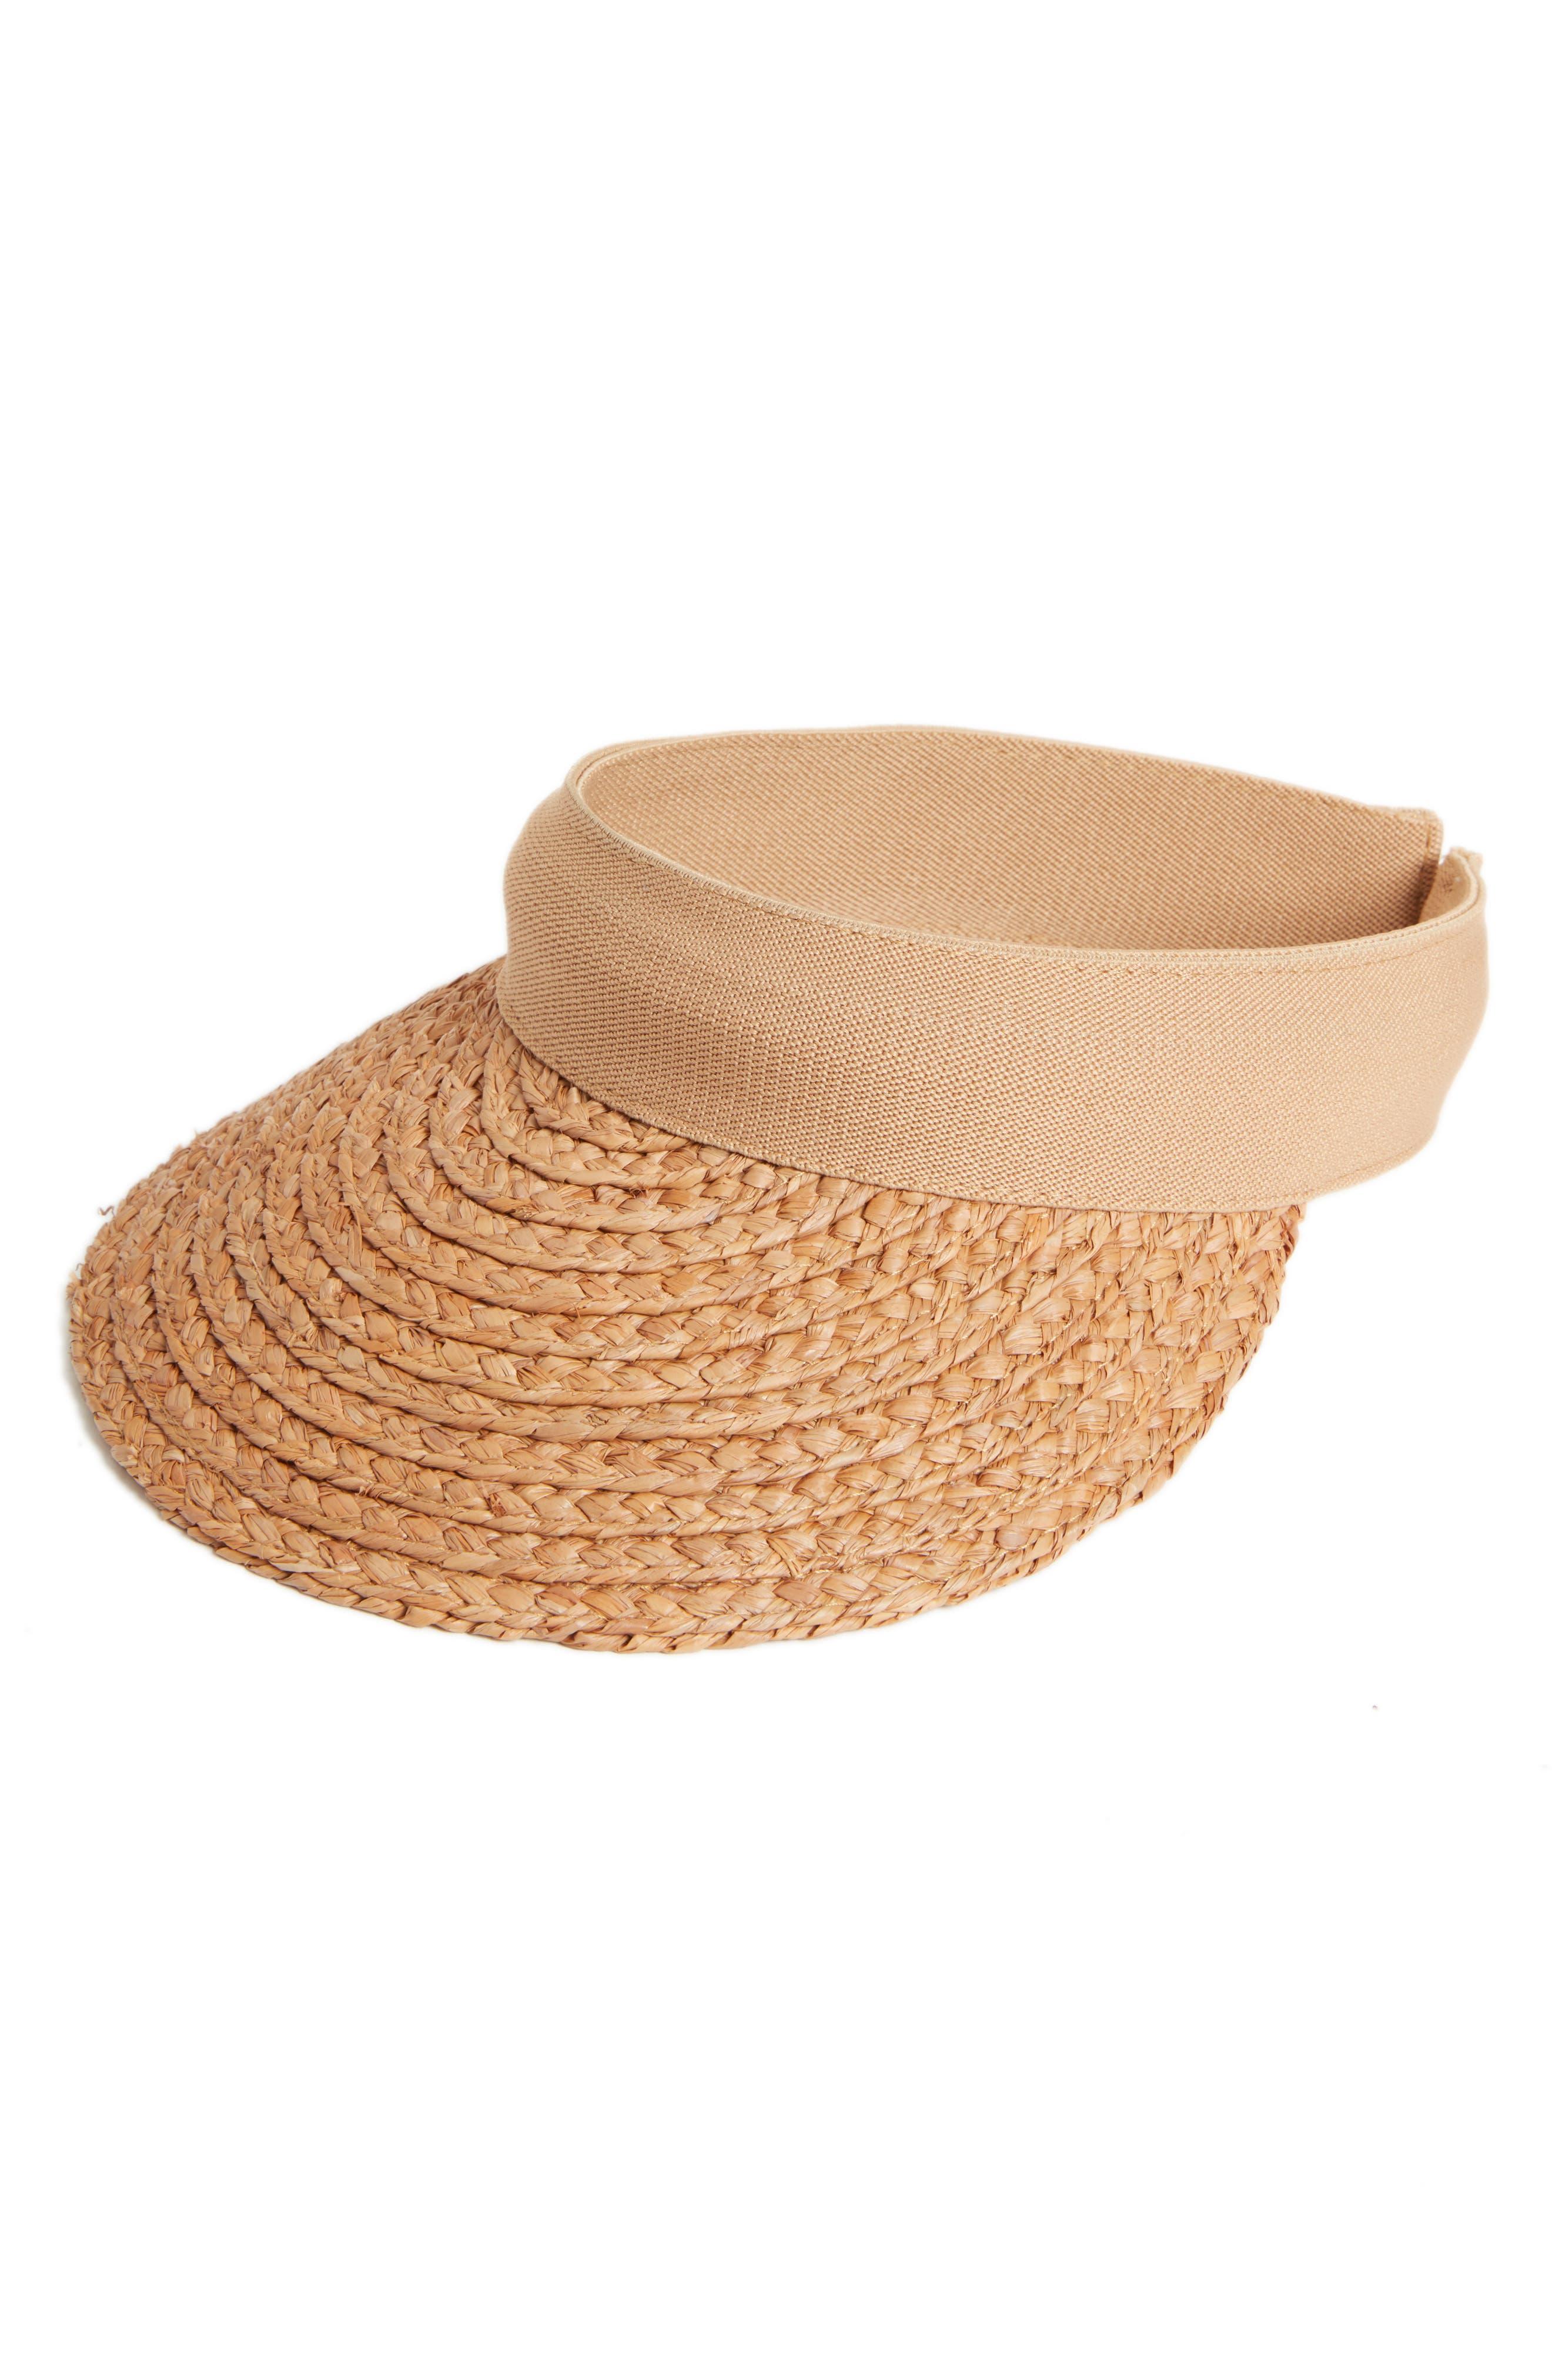 b0e5a017264 Hats for Women